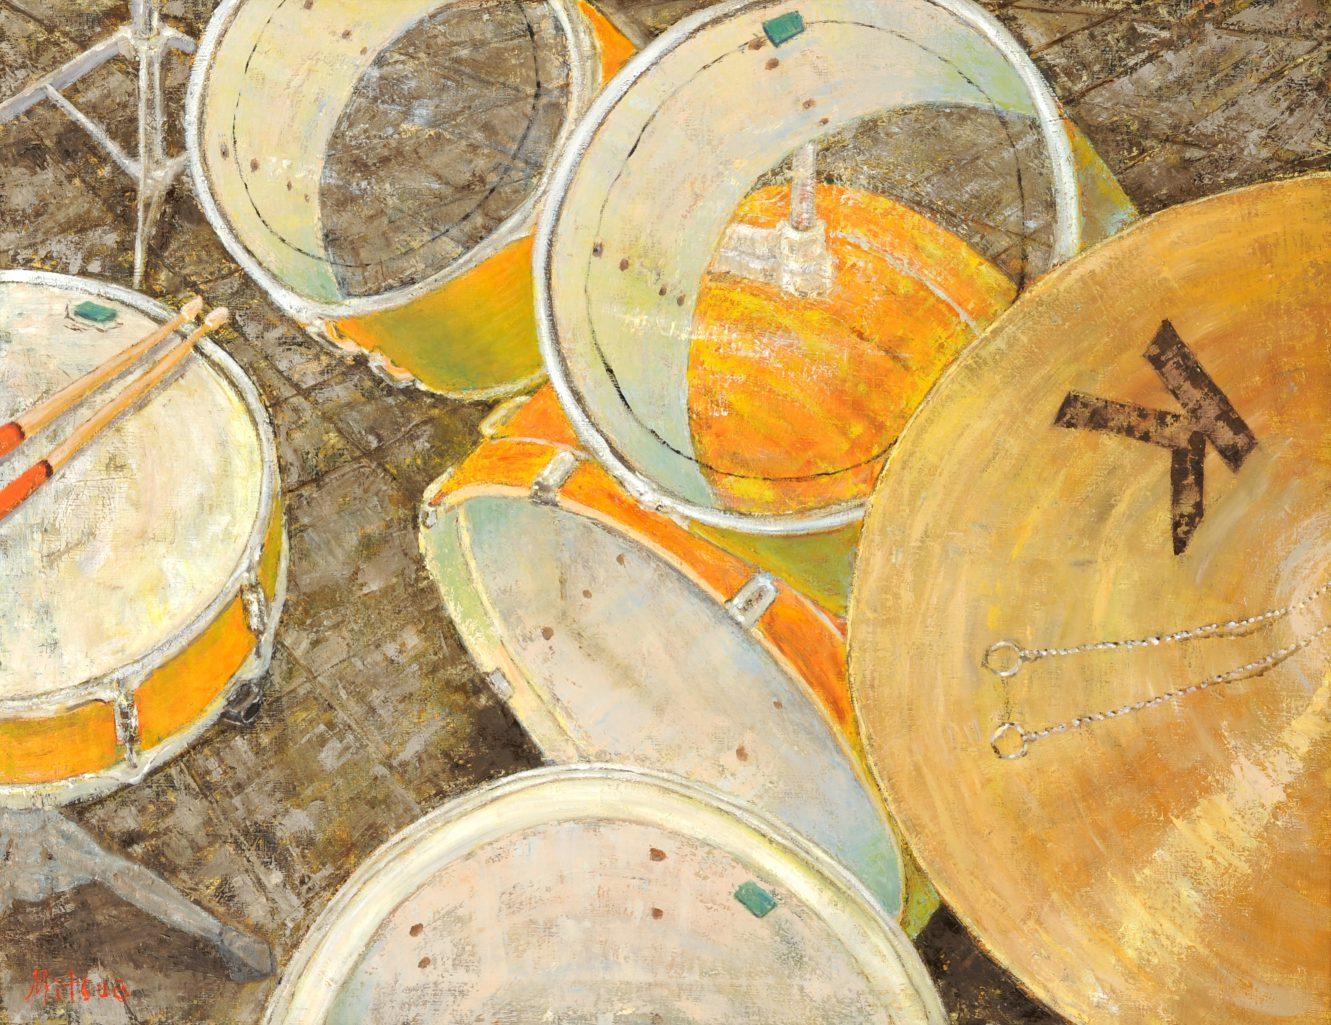 第70回滋賀県美術展覧会(平面の部)特選「Drums」